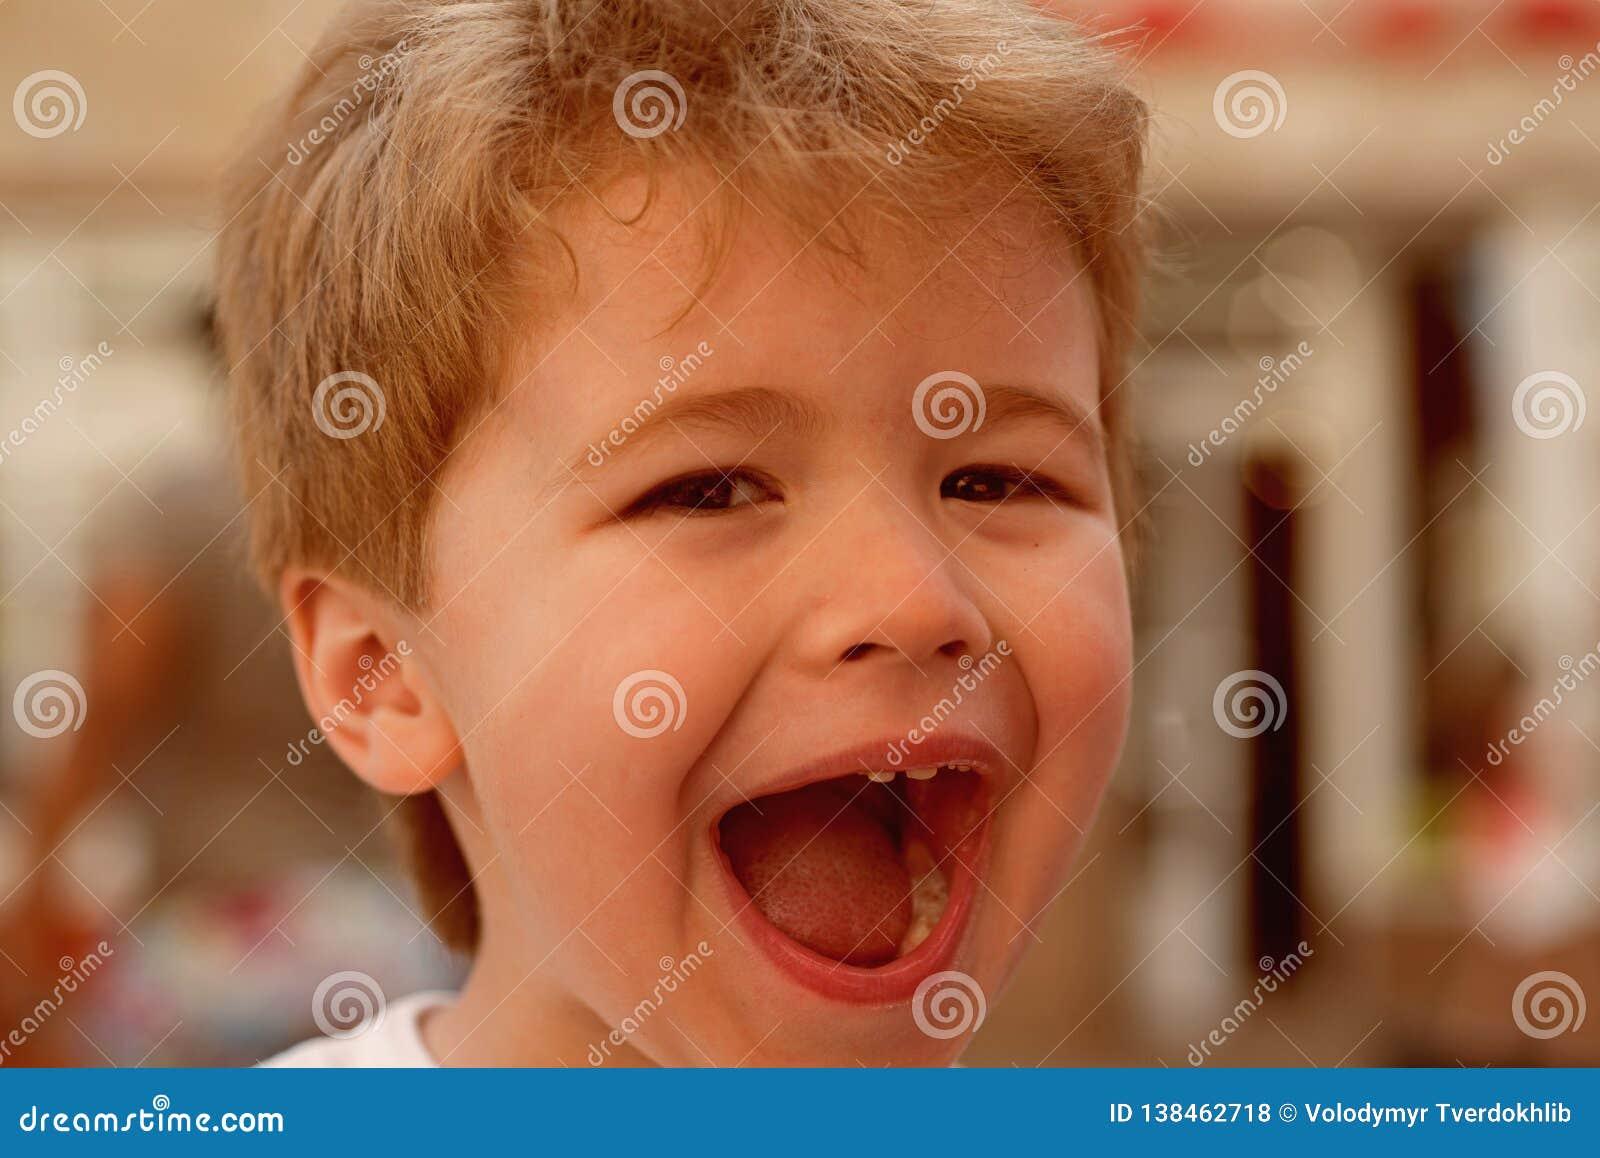 Detta är fantastiskt Litet barn med stilfull frisyr Litet barn med kort frisyr Liten pojke med blont hår Sunt